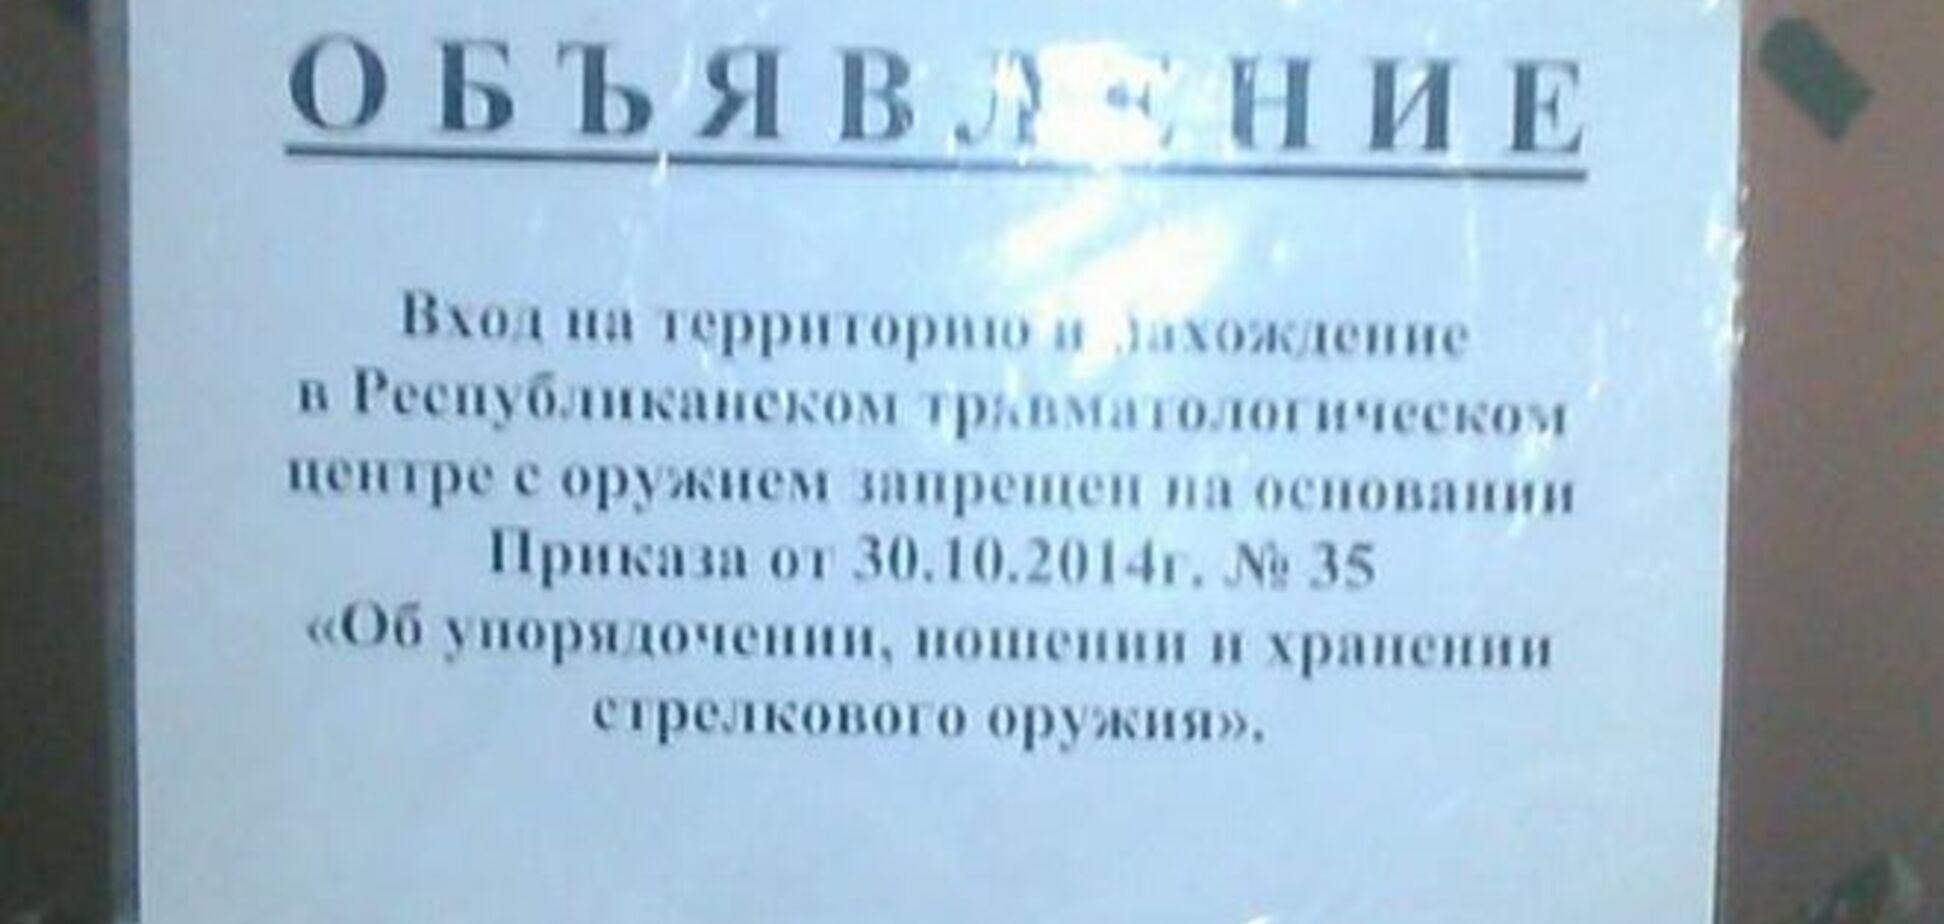 Донецкие врачи спасают раненых 'укров' от 'ДНРовцев'